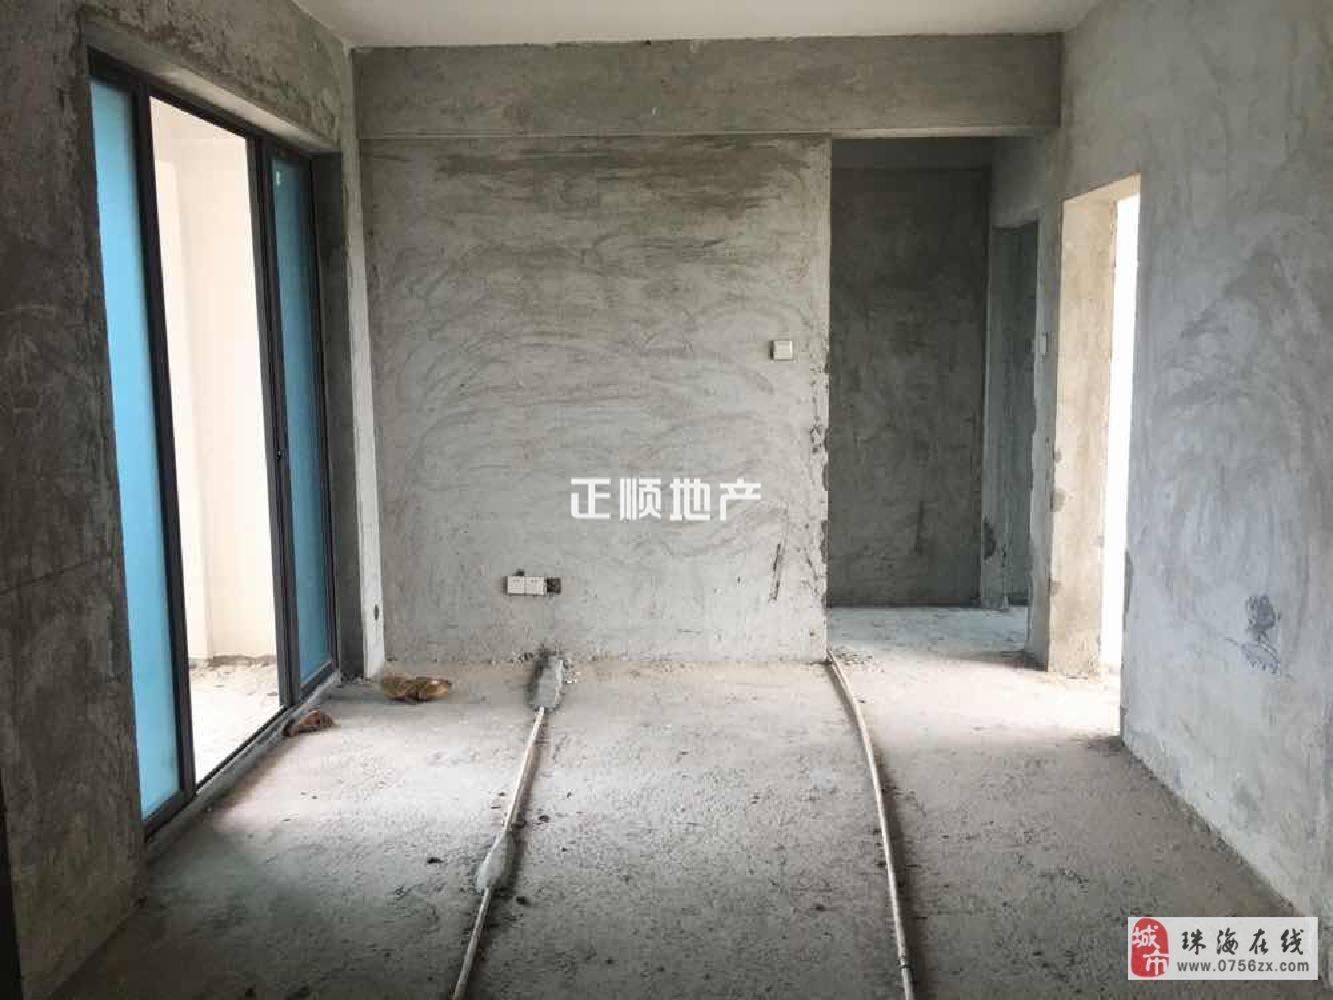 珠海金灣區集美雅苑98平毛坯4房電梯中間樓層僅售115萬